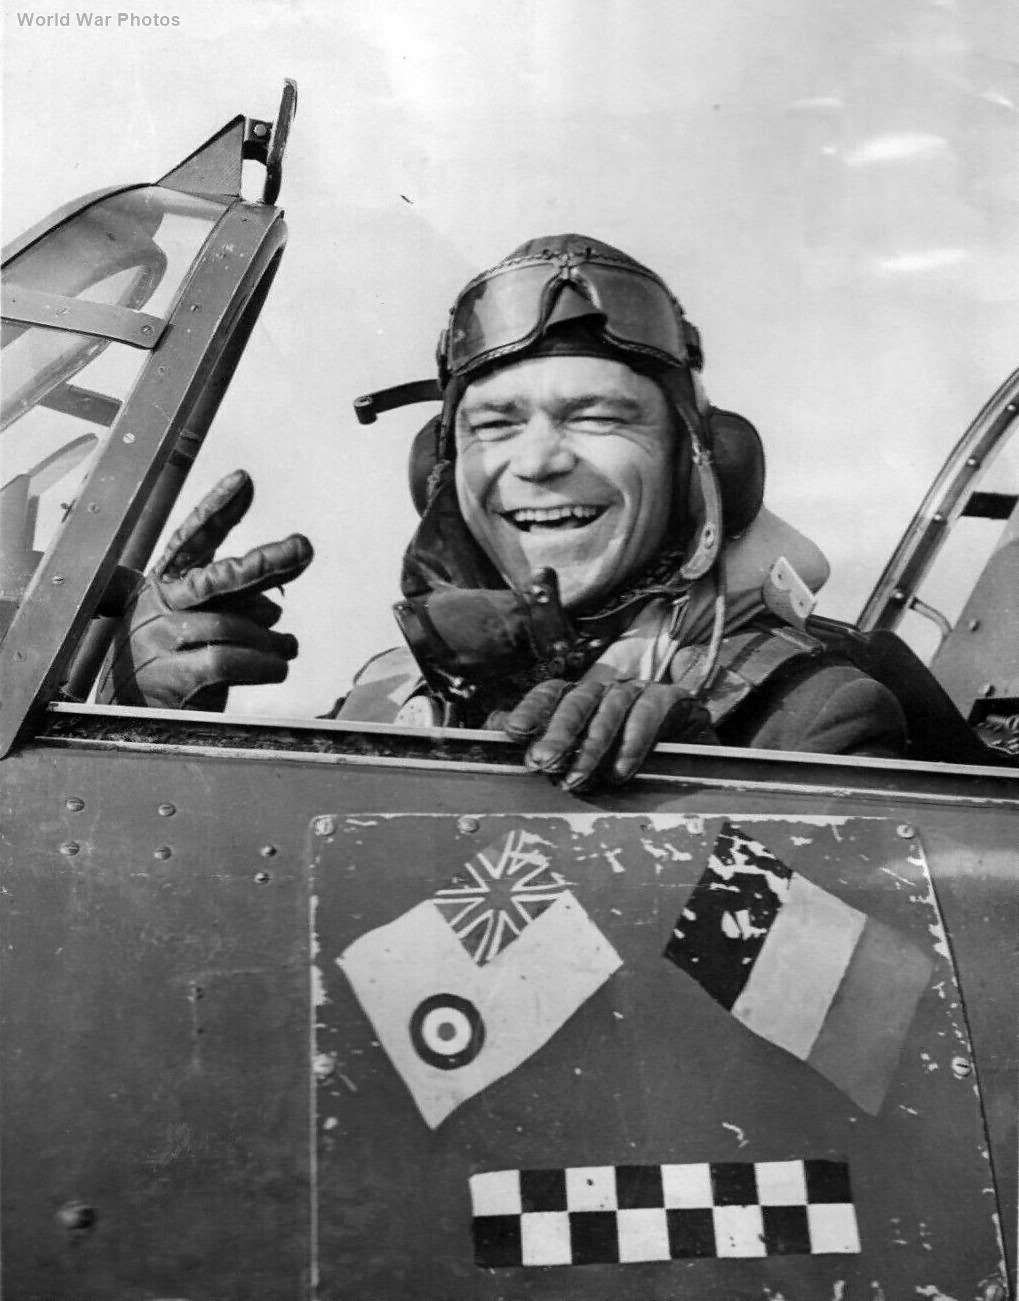 Belgium Air Force Hurricane Pilot